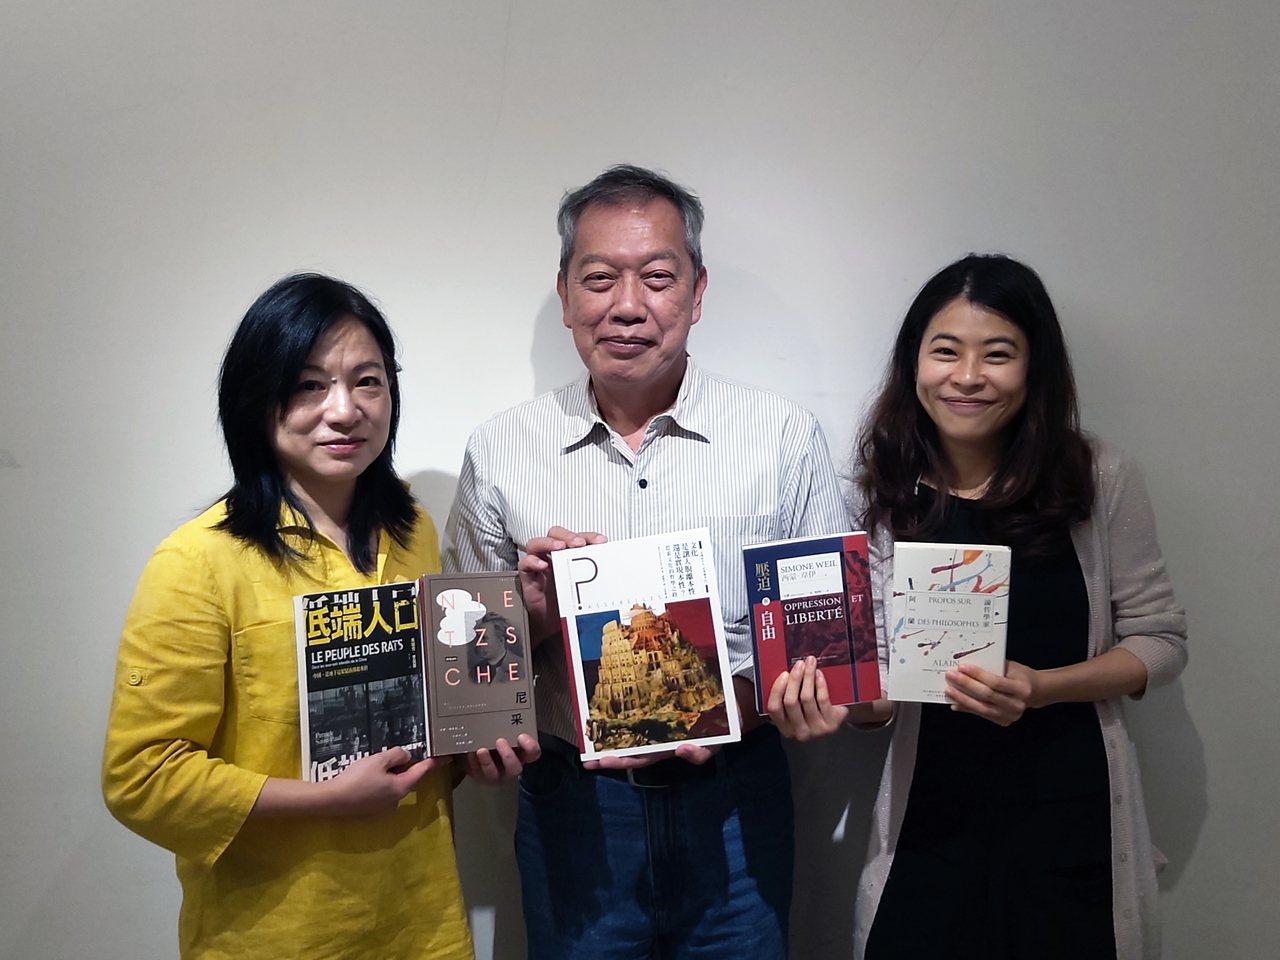 三位評審與入圍譯作合影(左起)戴麗娟女士、吳錫德先生、潘怡帆女士。(圖/台灣法語...